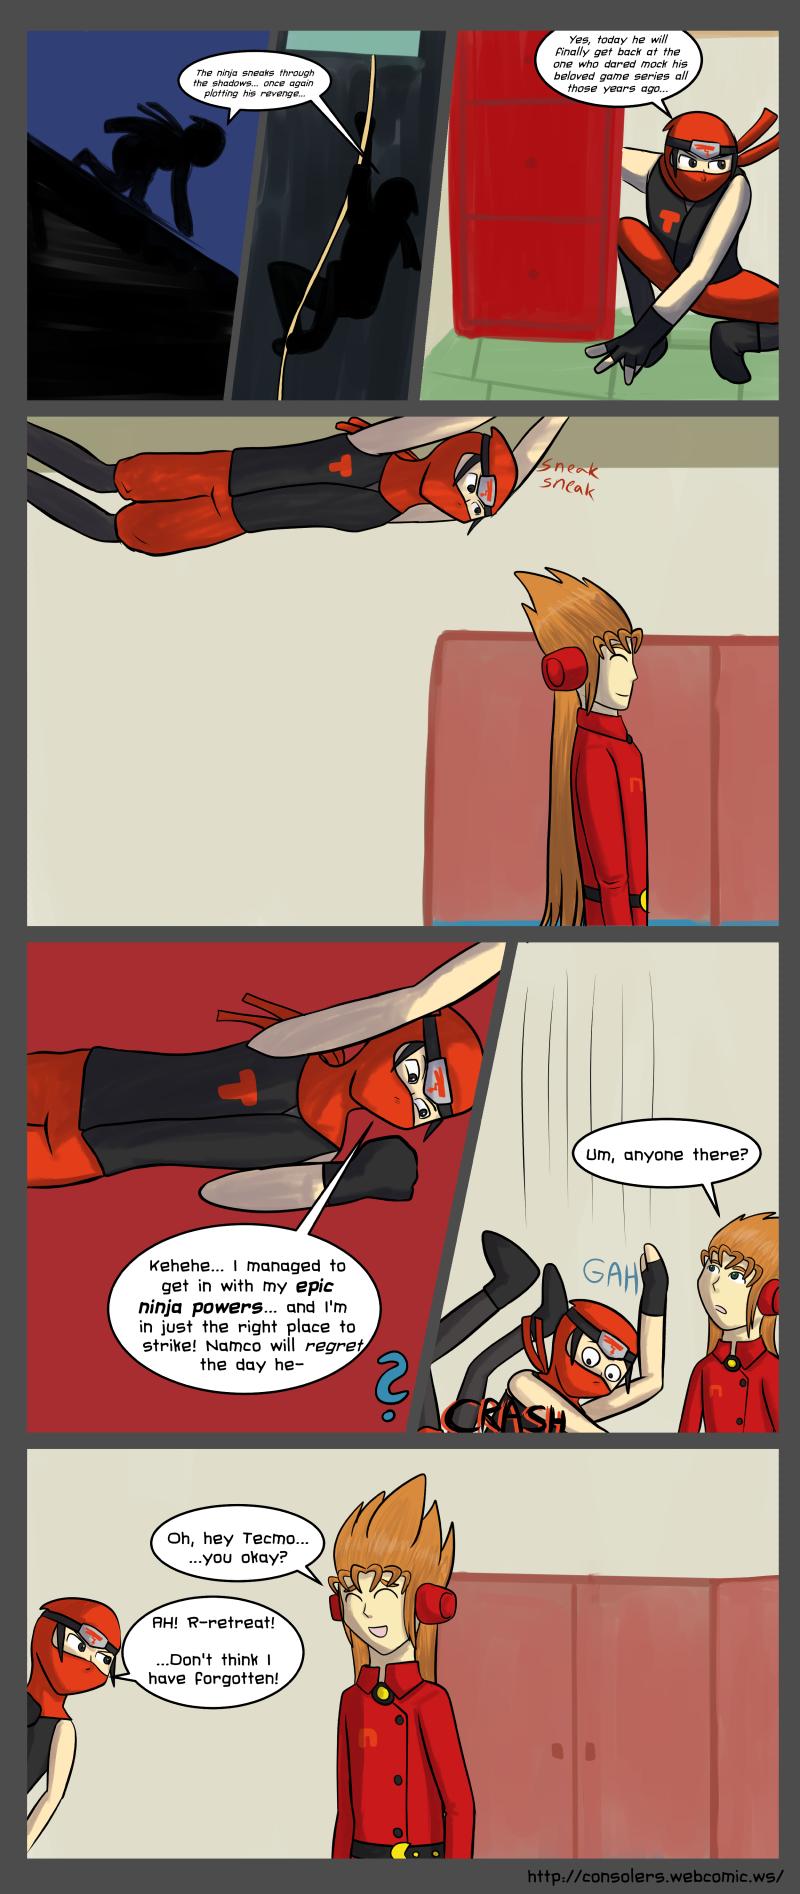 Tecmo's Revenge